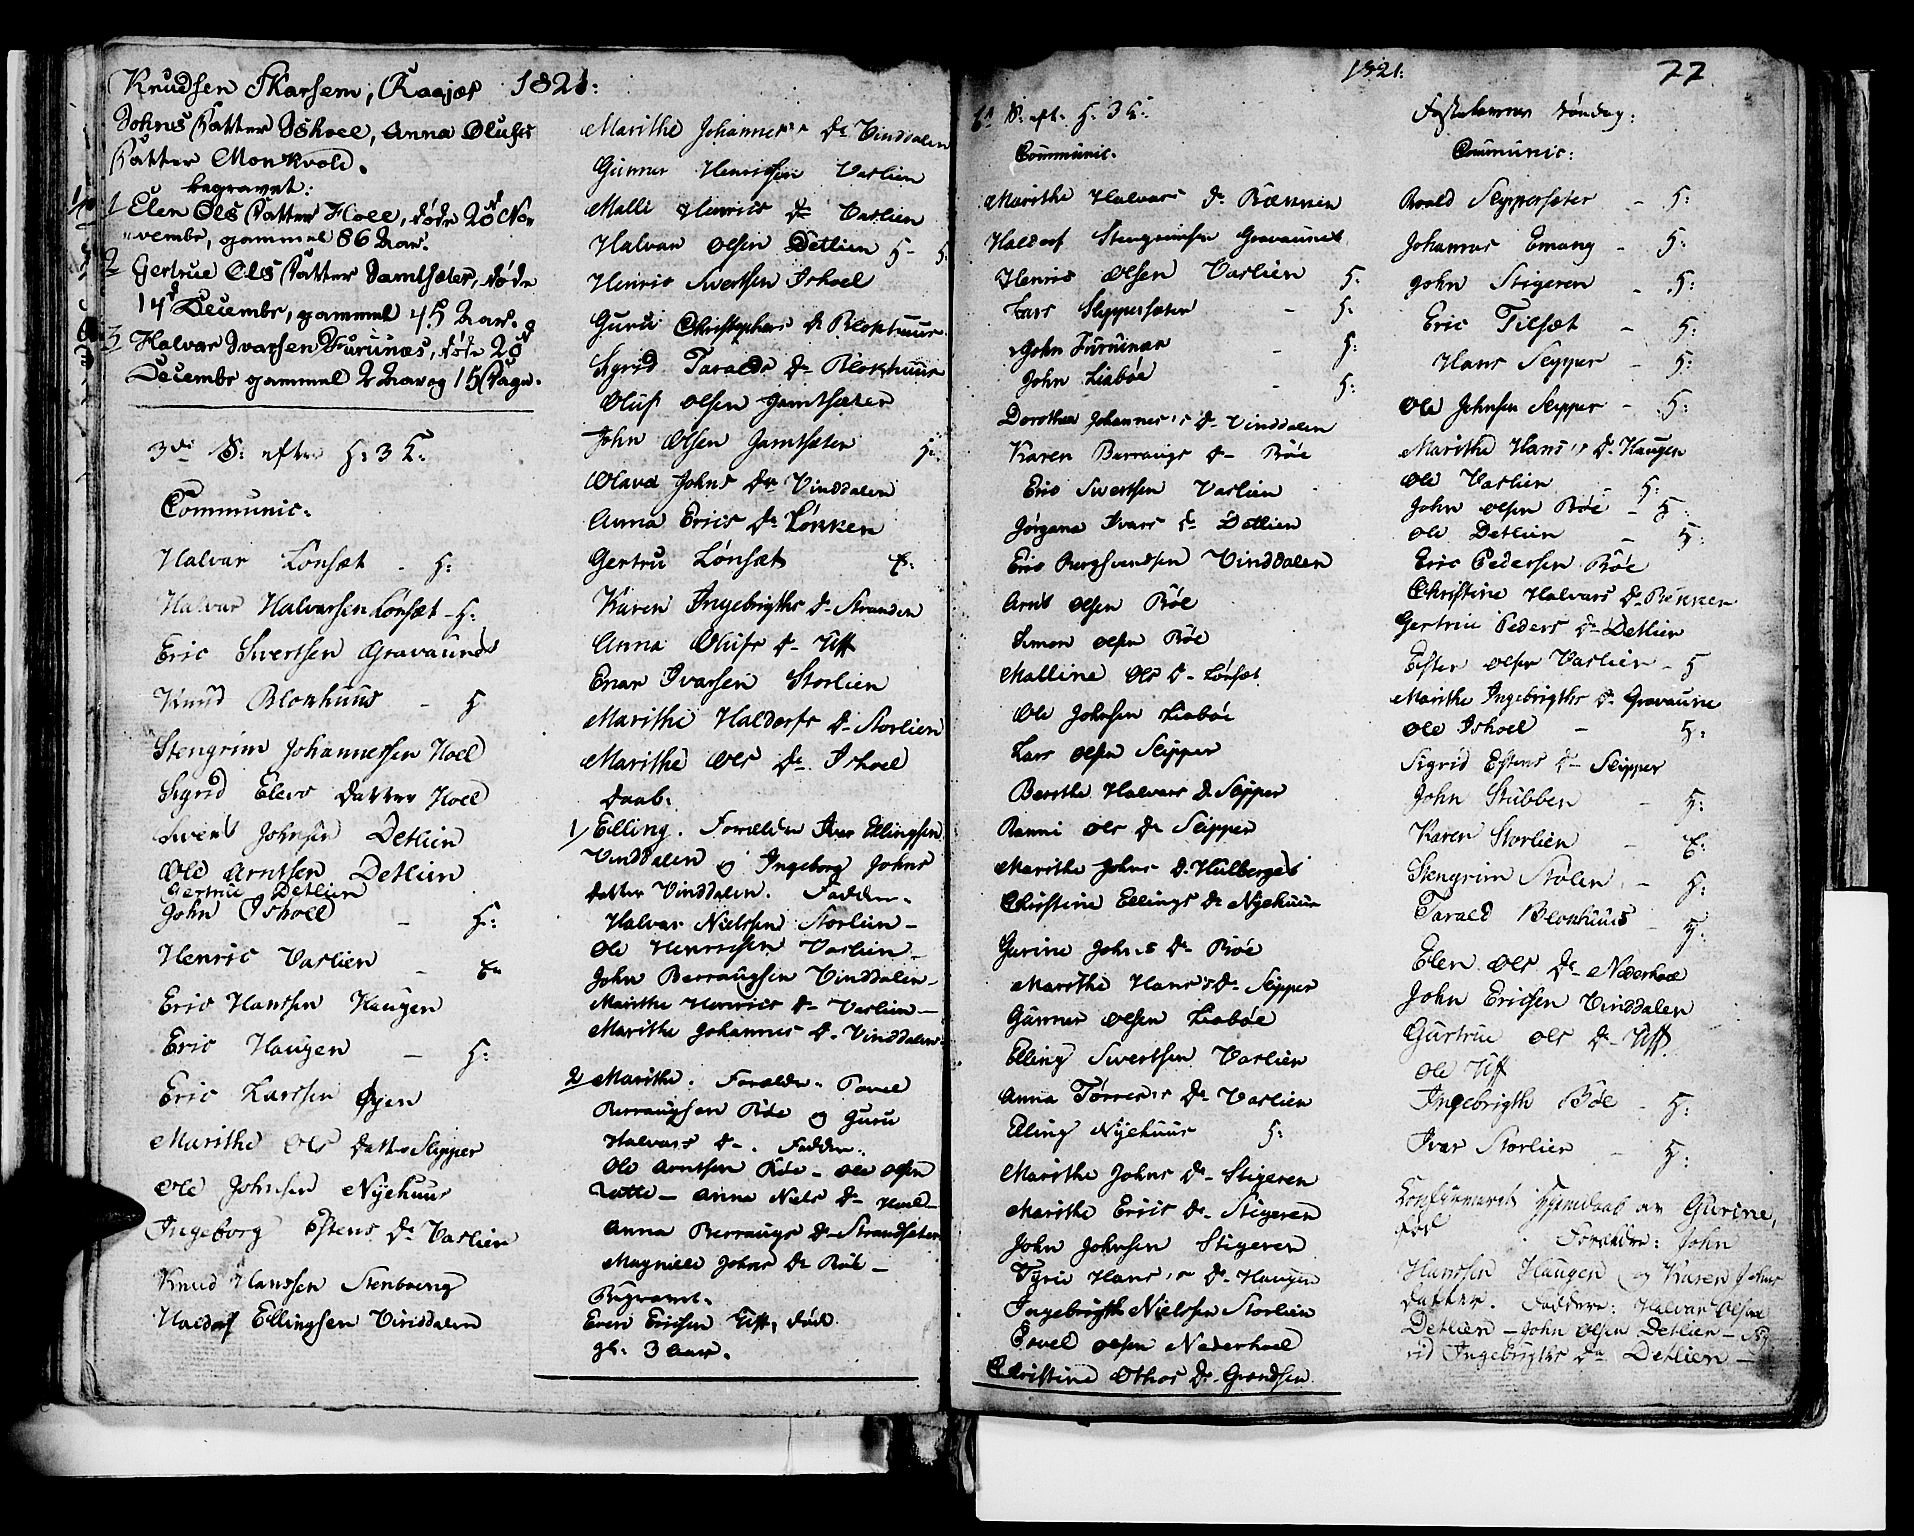 SAT, Ministerialprotokoller, klokkerbøker og fødselsregistre - Sør-Trøndelag, 679/L0921: Klokkerbok nr. 679C01, 1792-1840, s. 77